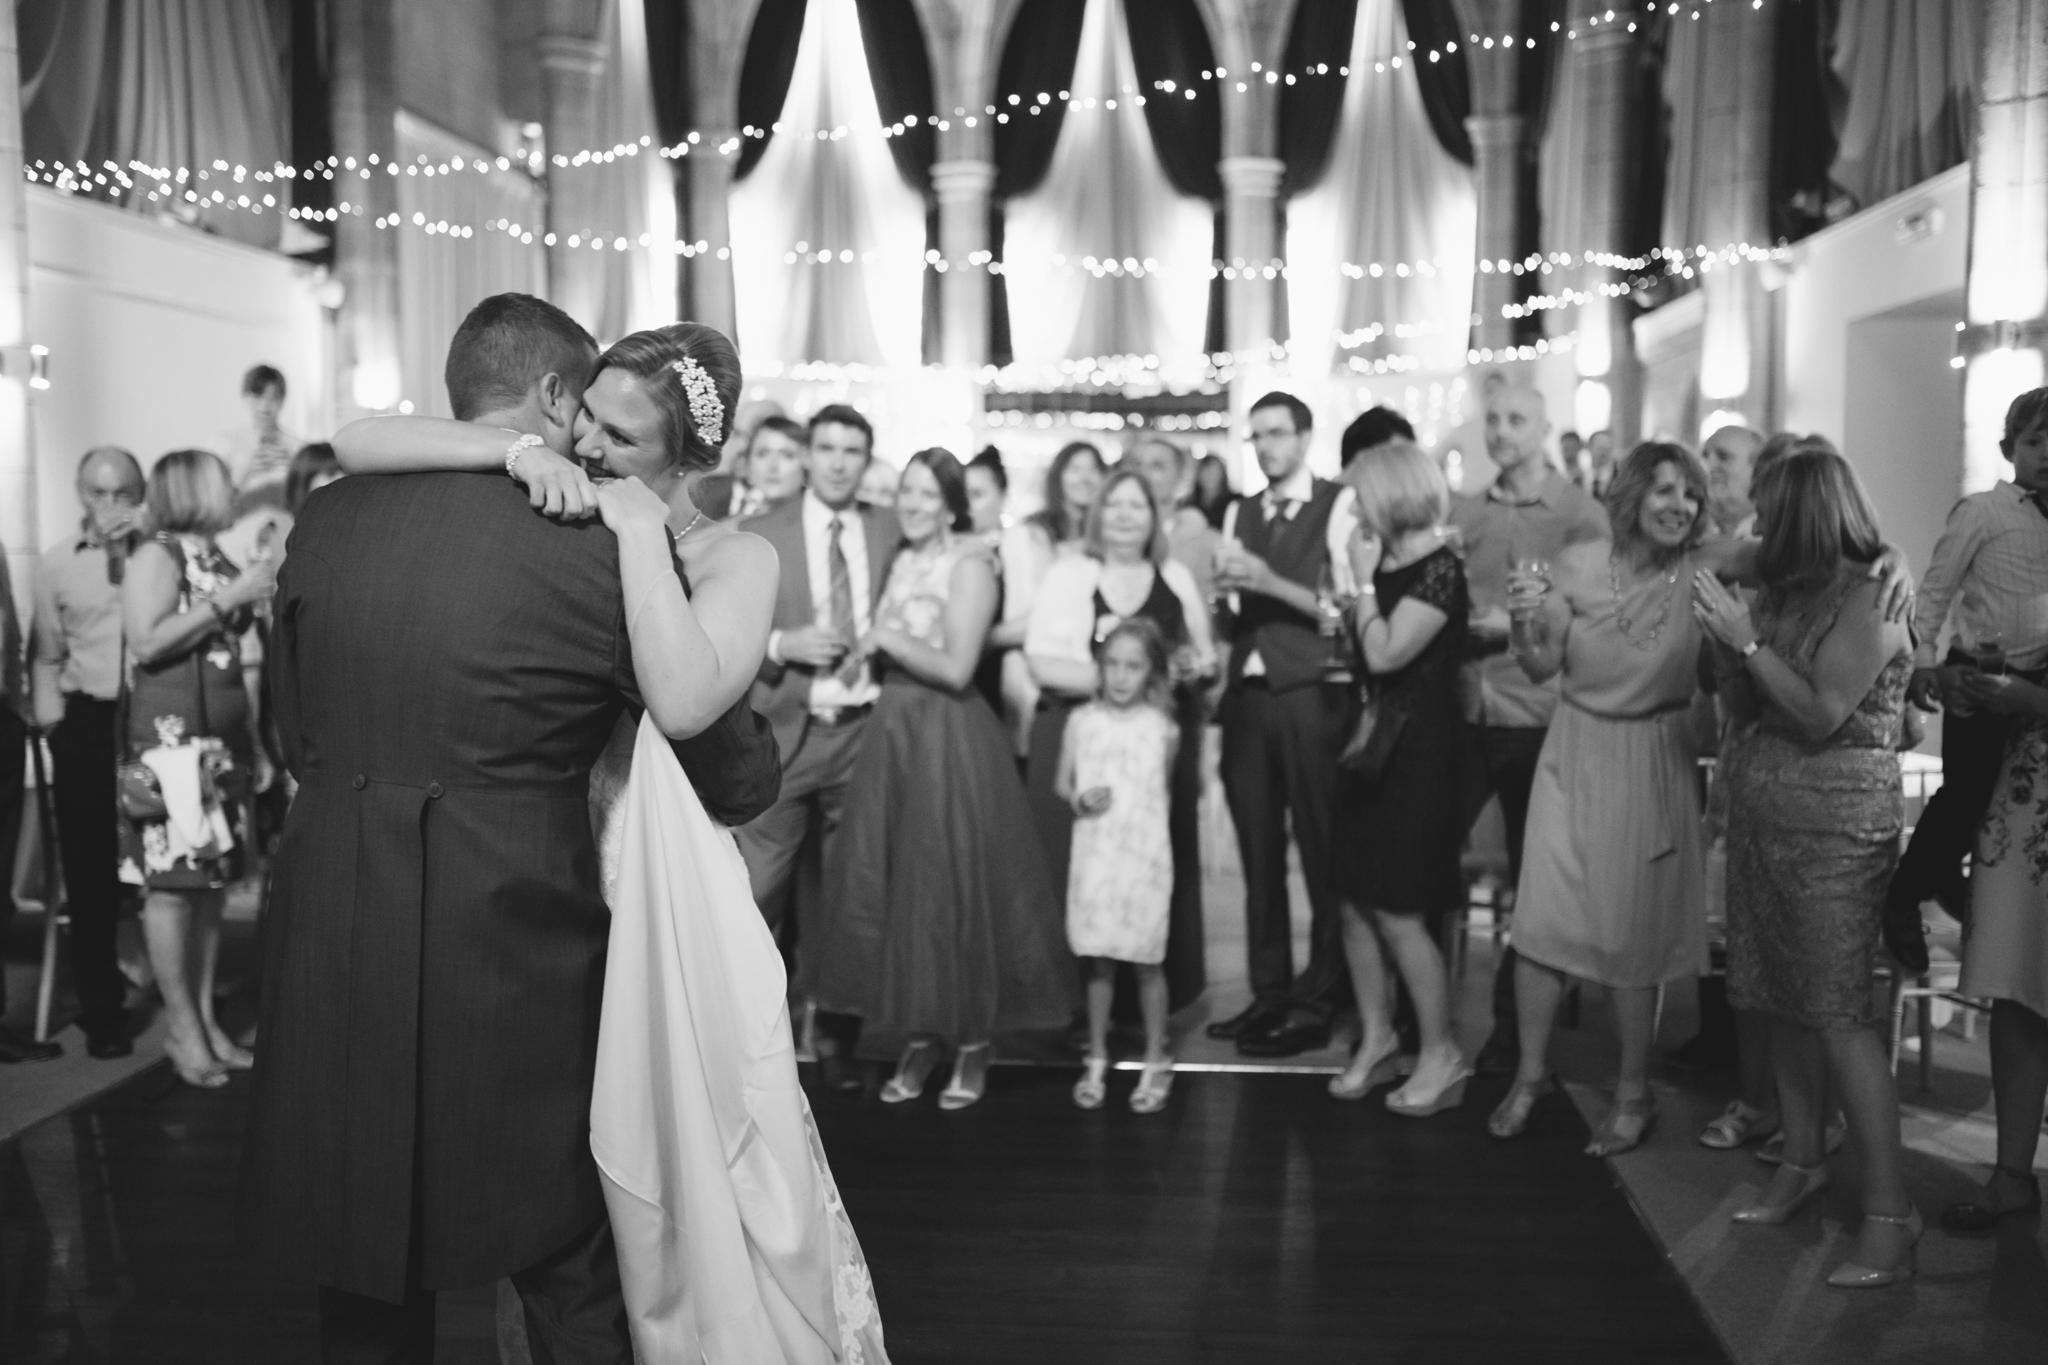 Simon_Rawling_Wedding_Photography-251.jpg